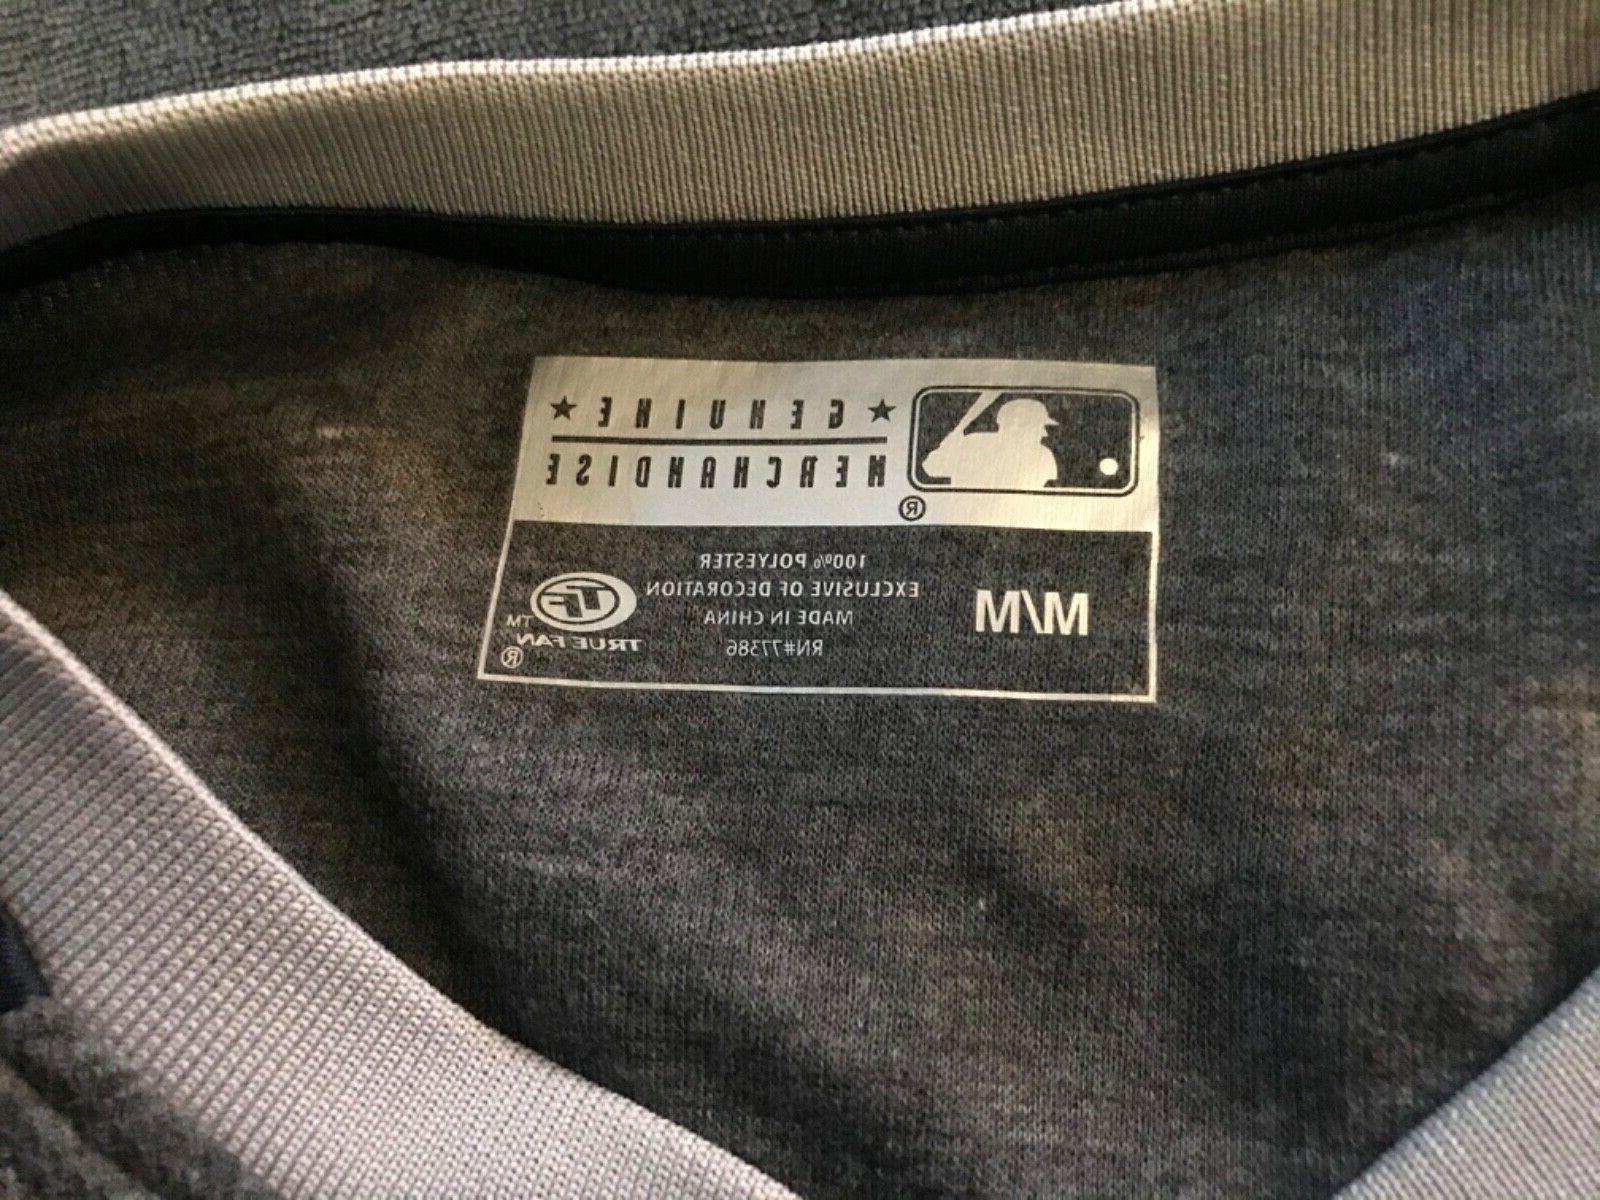 B57 Jersey shirt merchandise.